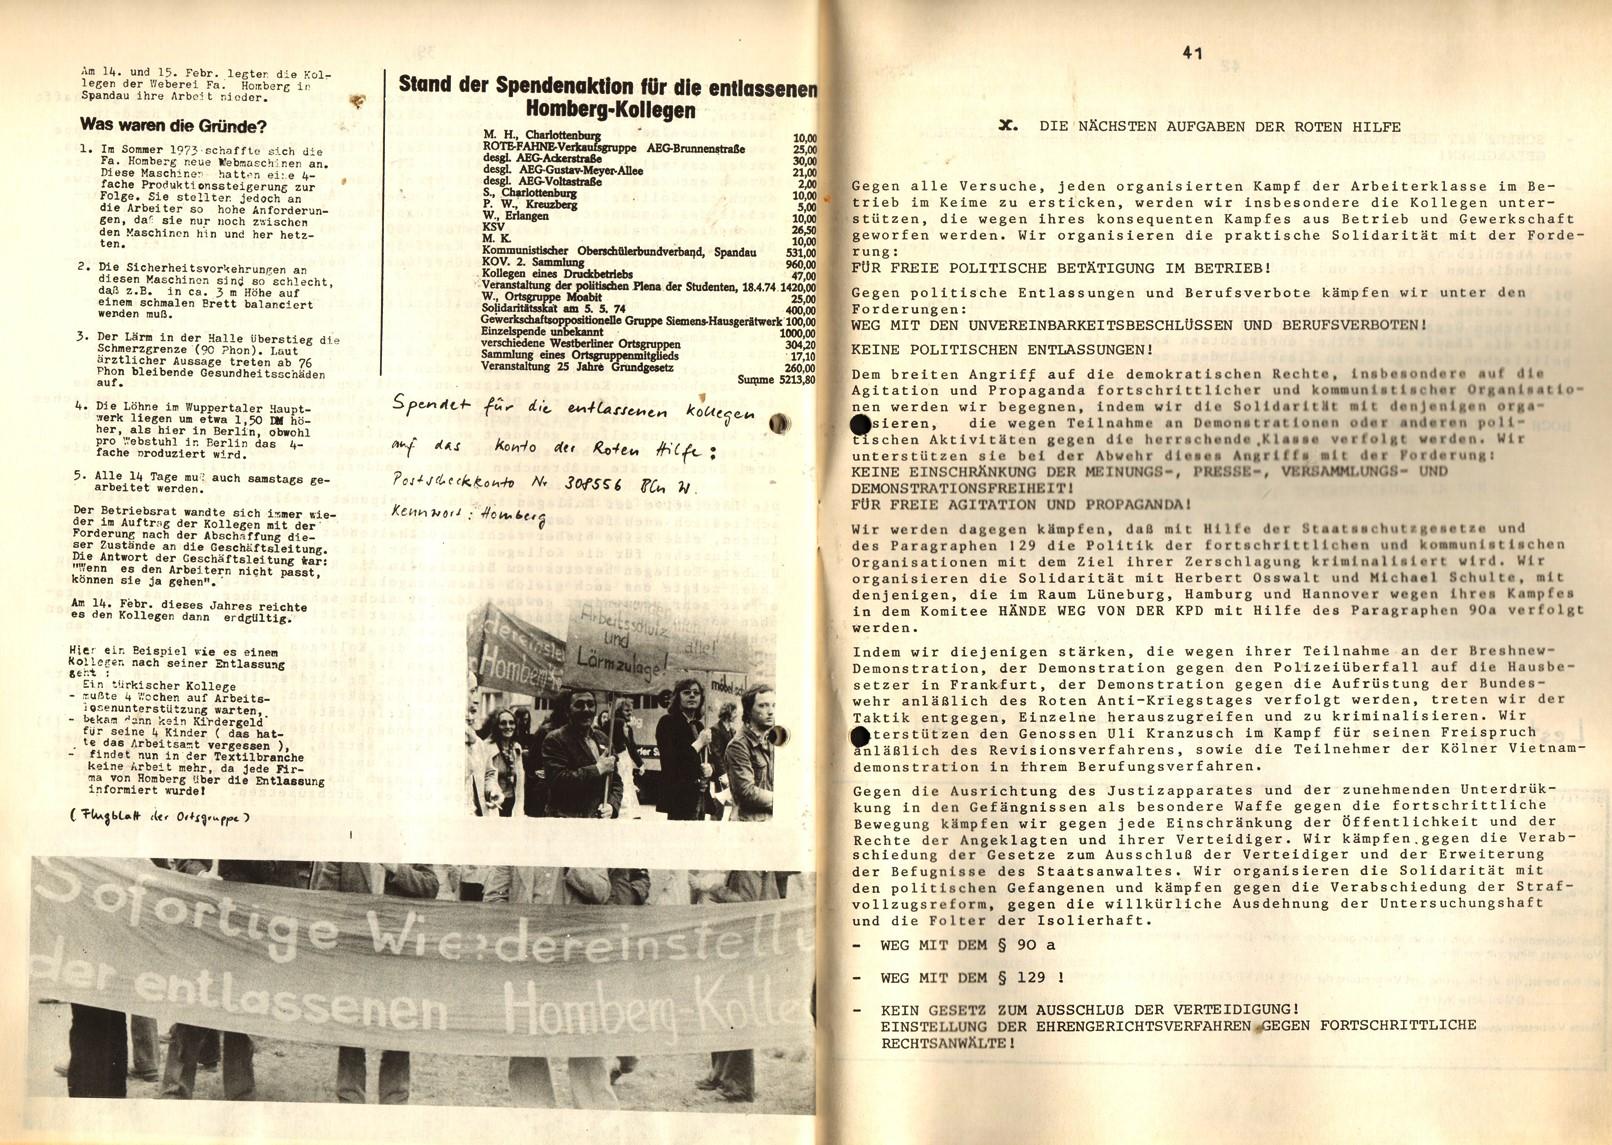 Dortmund_RHev_1974_Rechenschaftsbericht_22